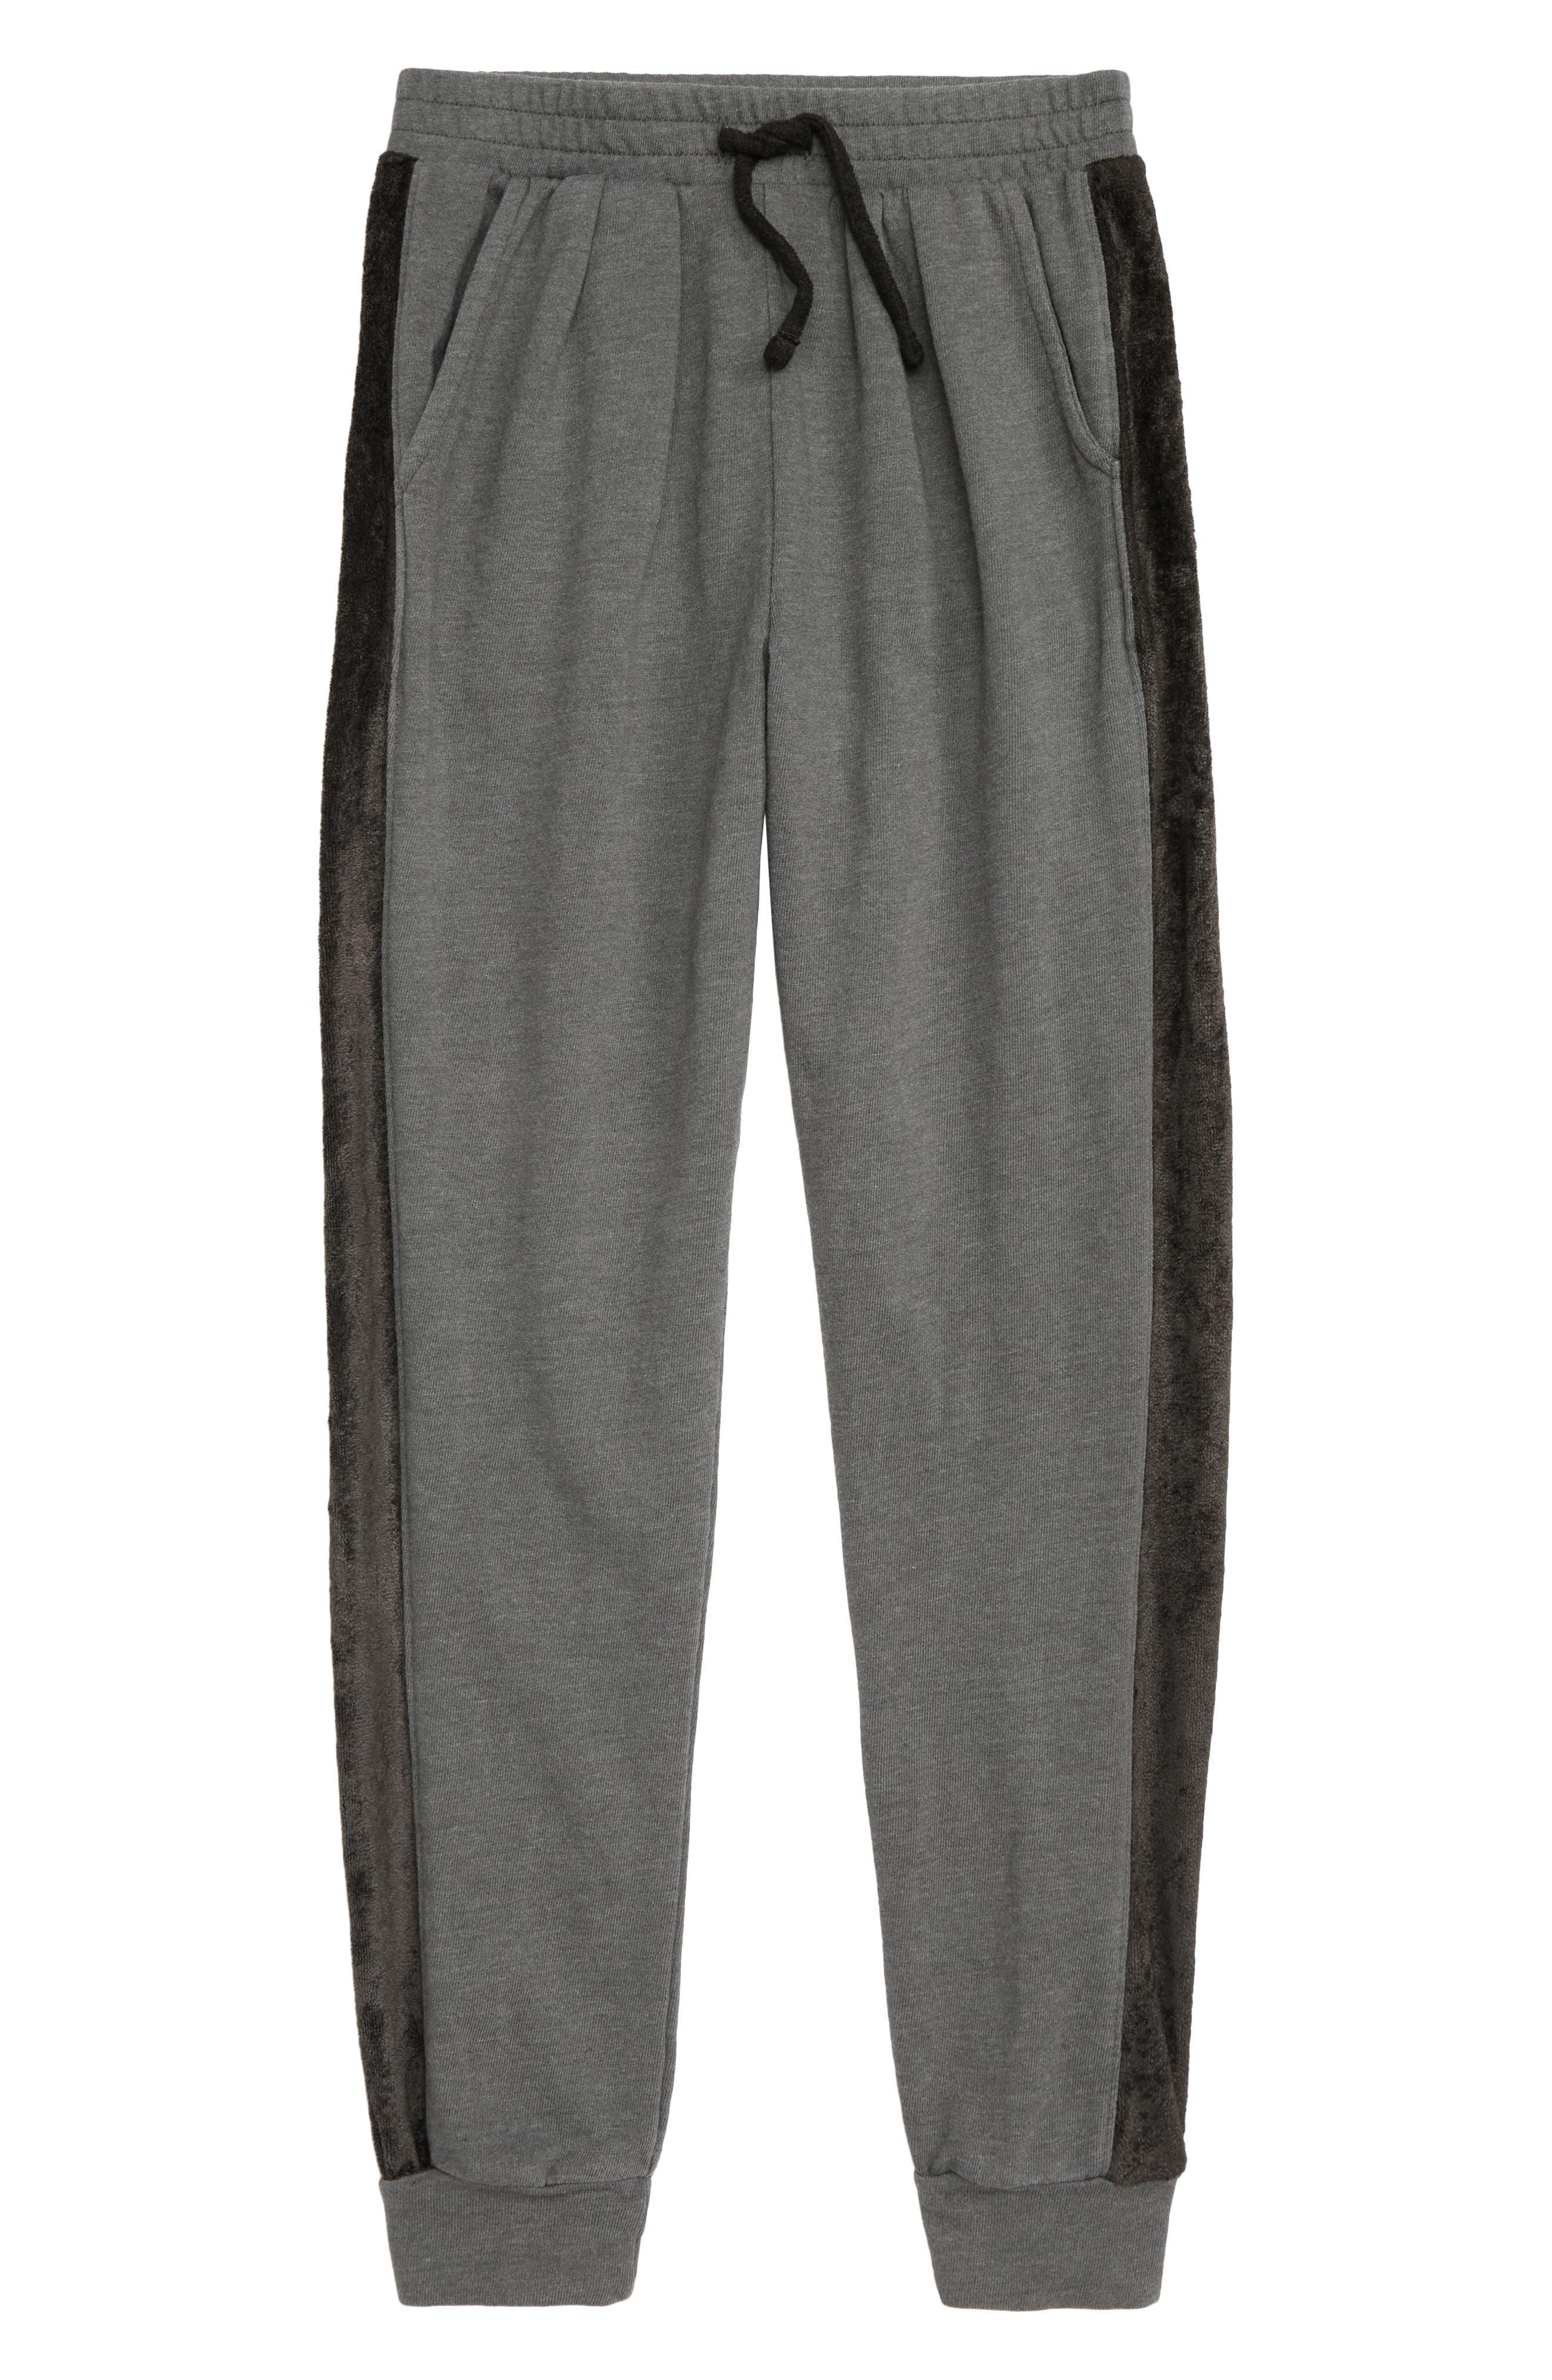 TREASURE & BOND Velour Stripe Jogger Pants, Main, color, 021